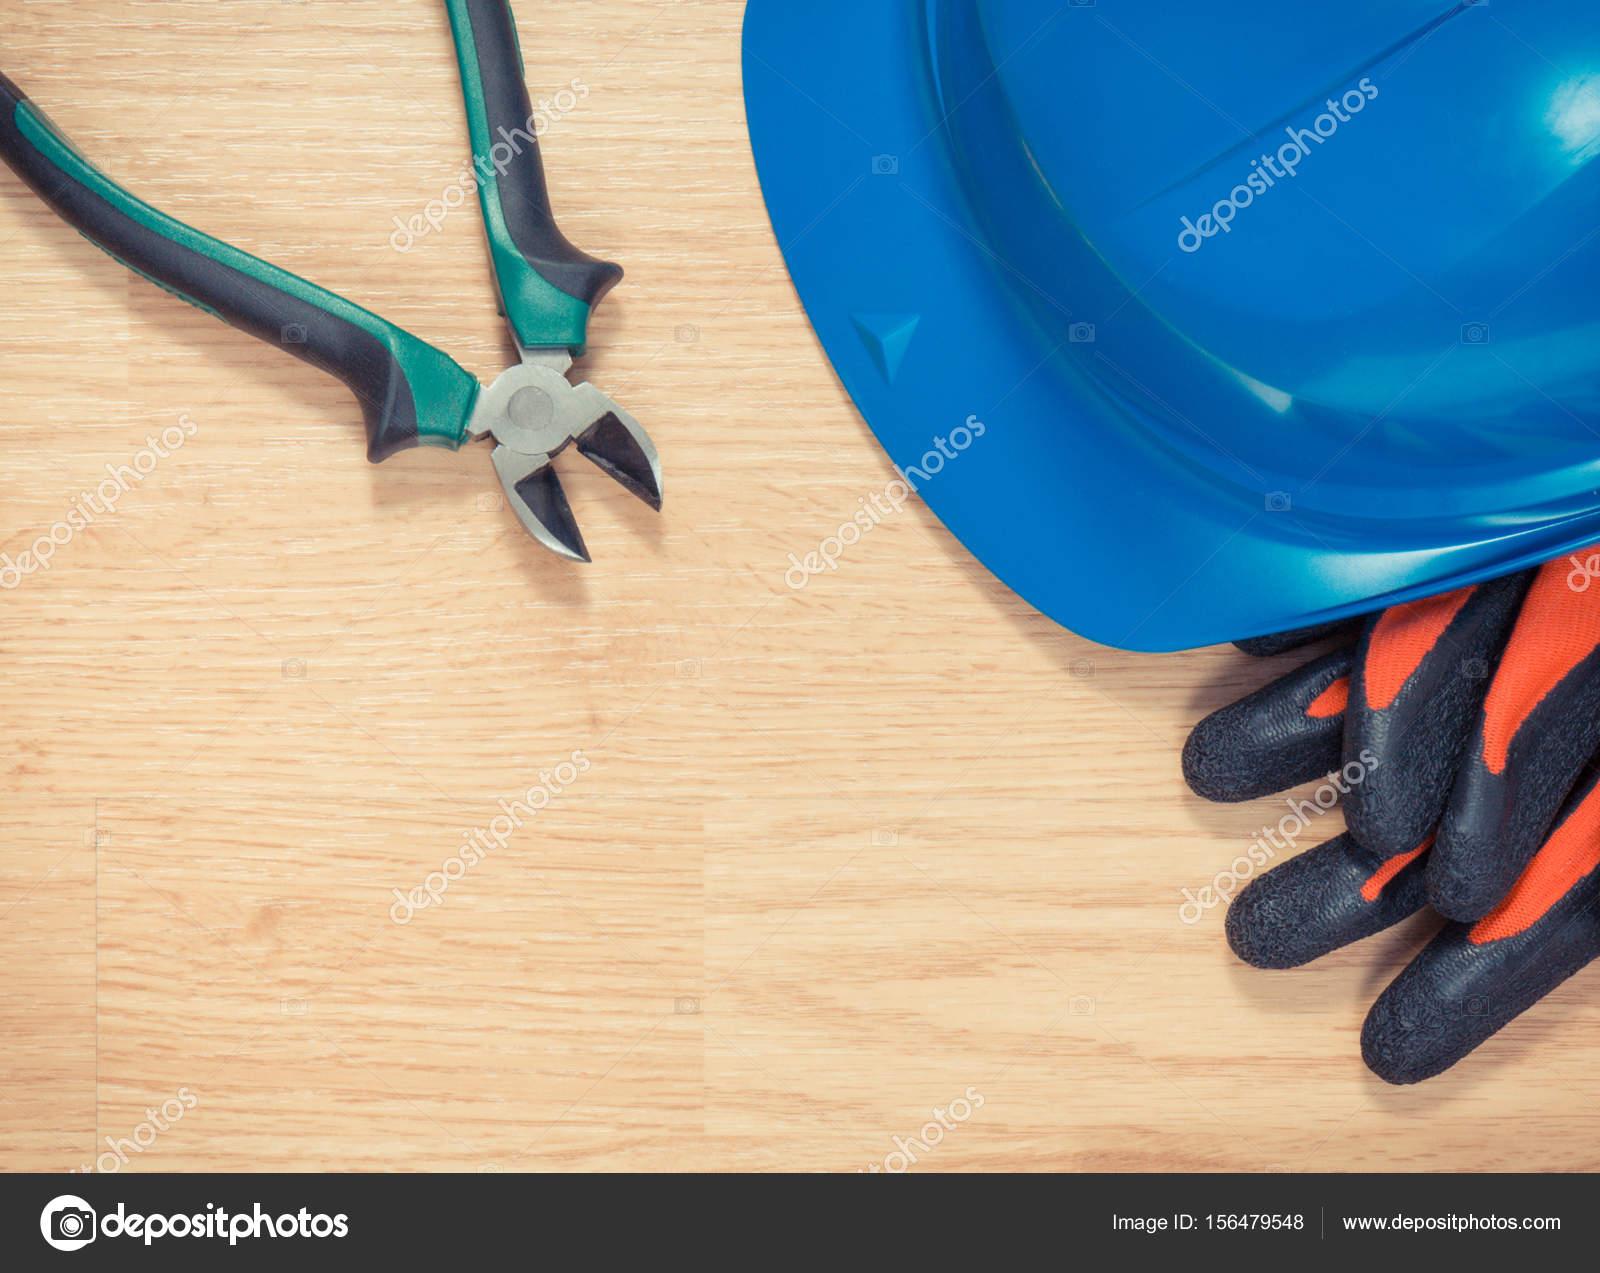 70b6a33bc2835 Casque de protection bleu avec des gants et une pince métallique,  accessoires pour les travaux de l'ingénieur– images de stock libres de  droits